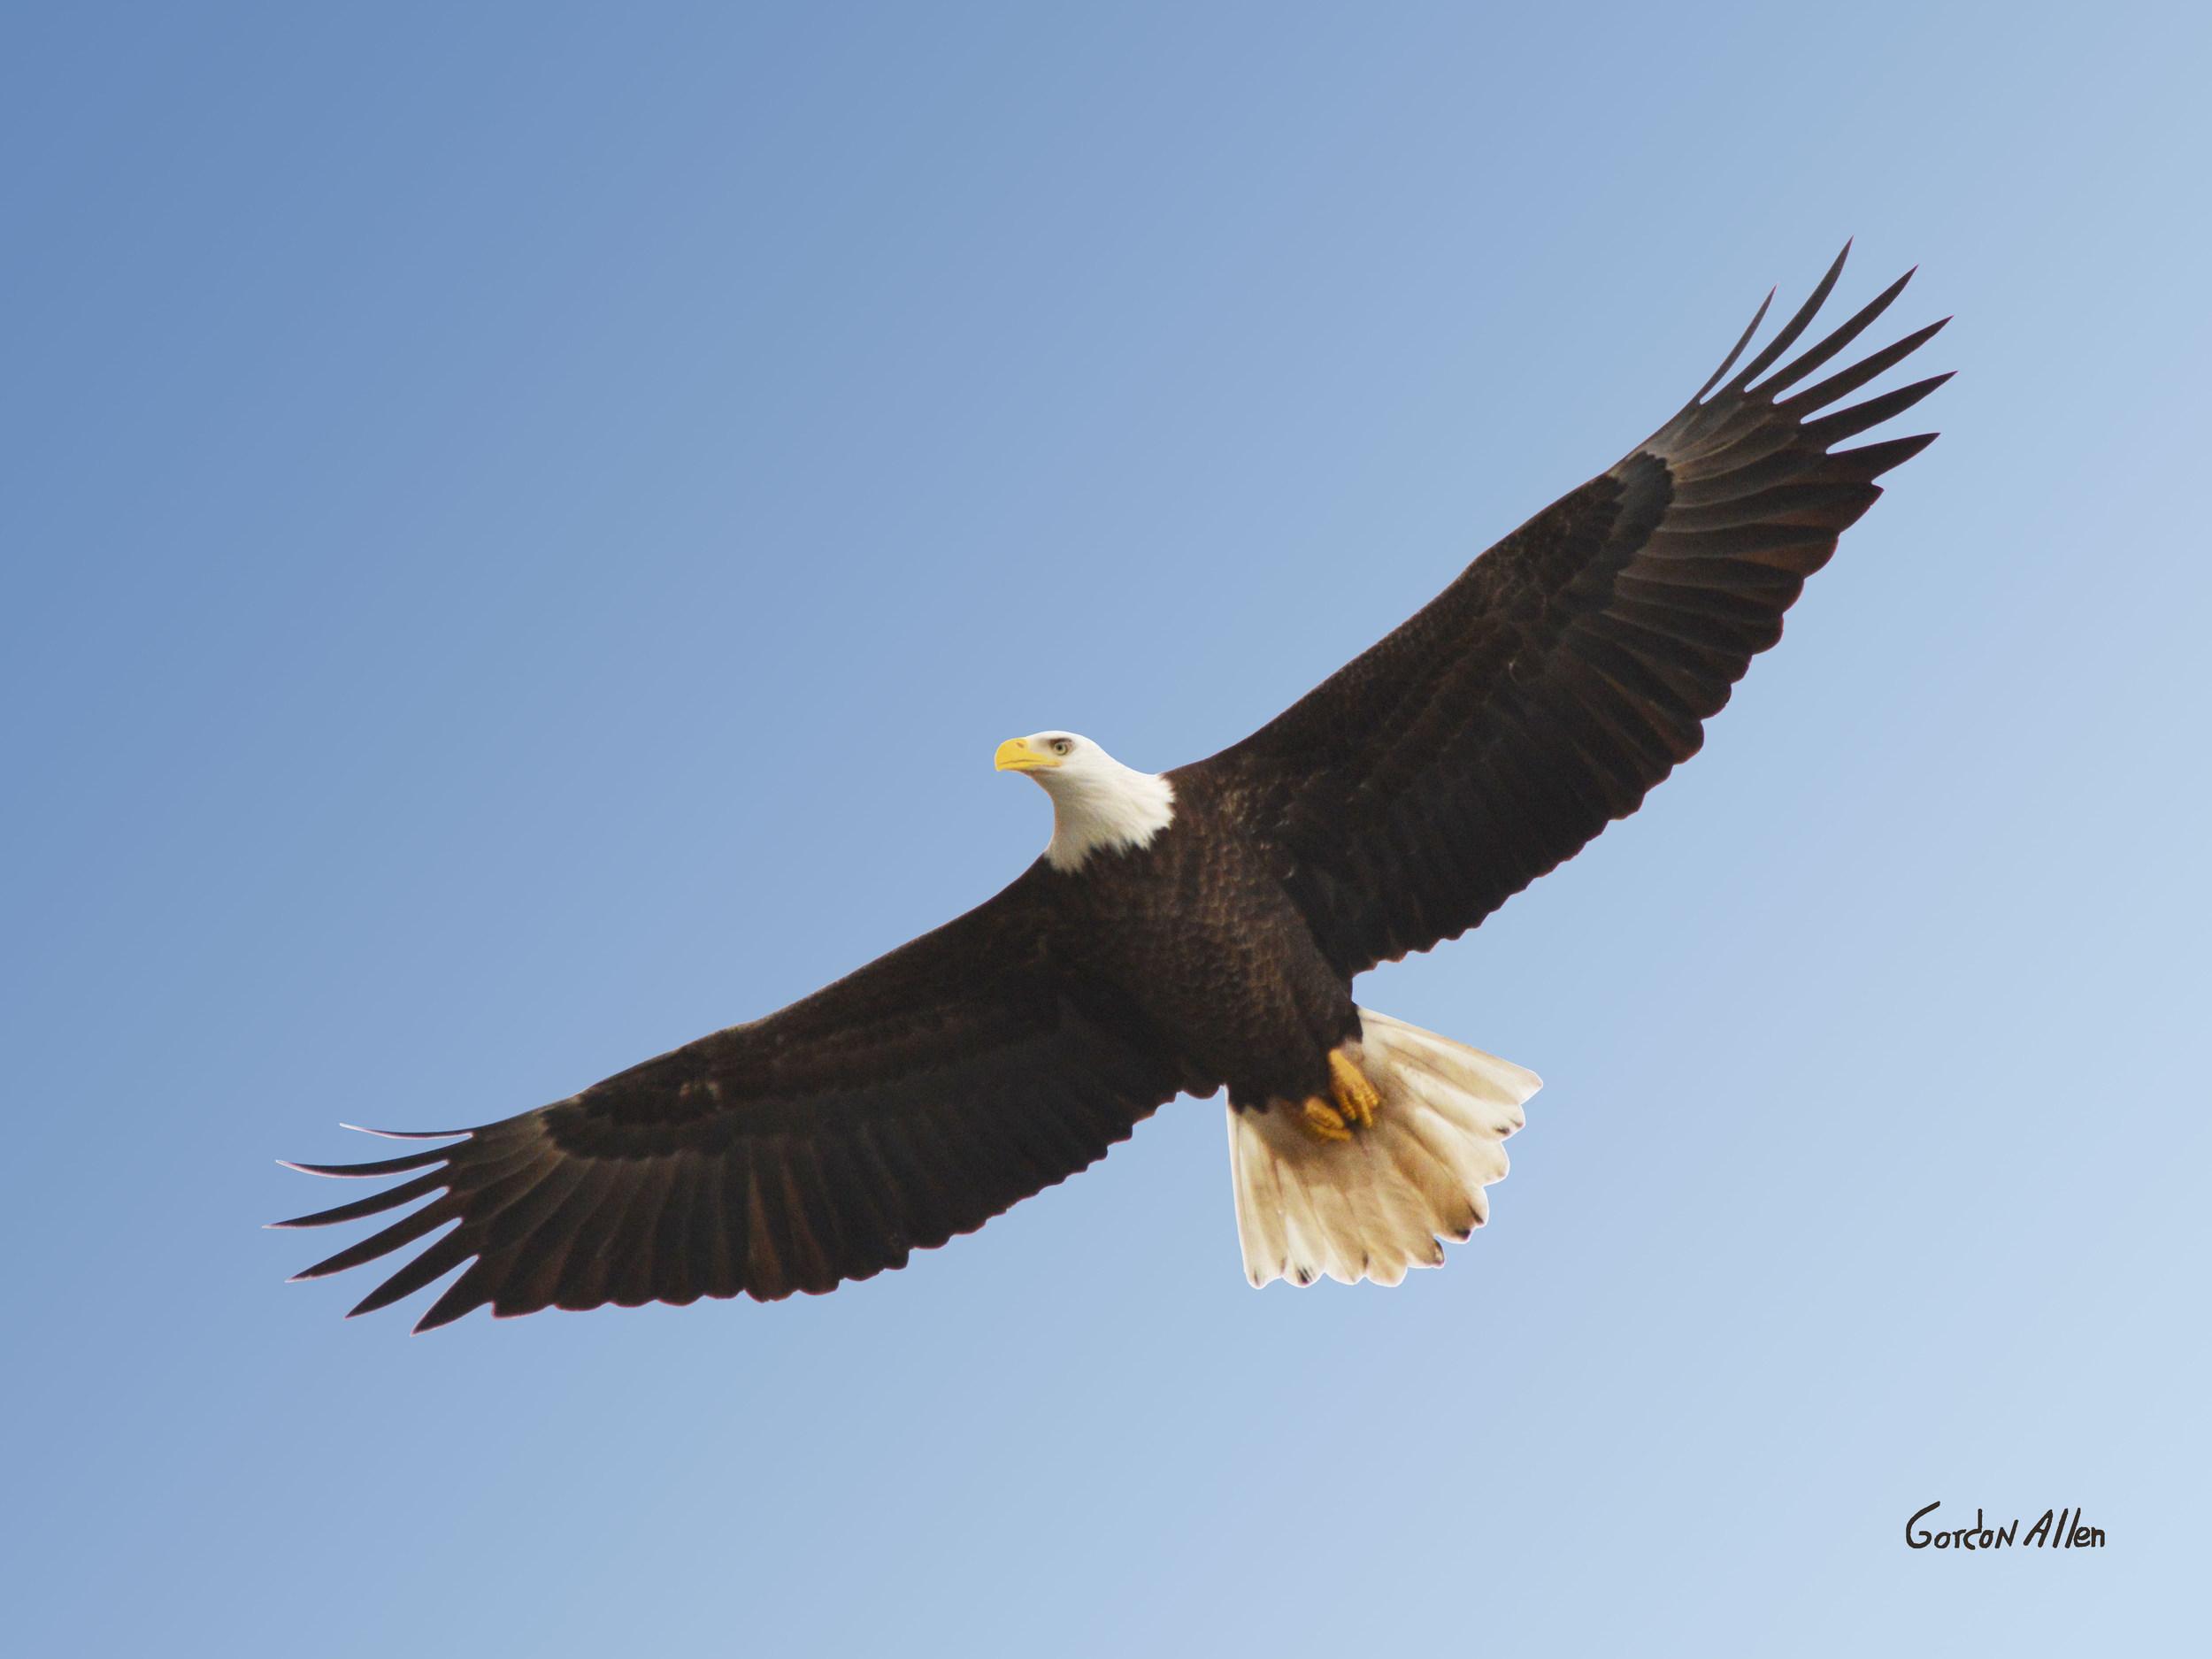 0456_Eagle_ 21x16_gordonallen.jpg